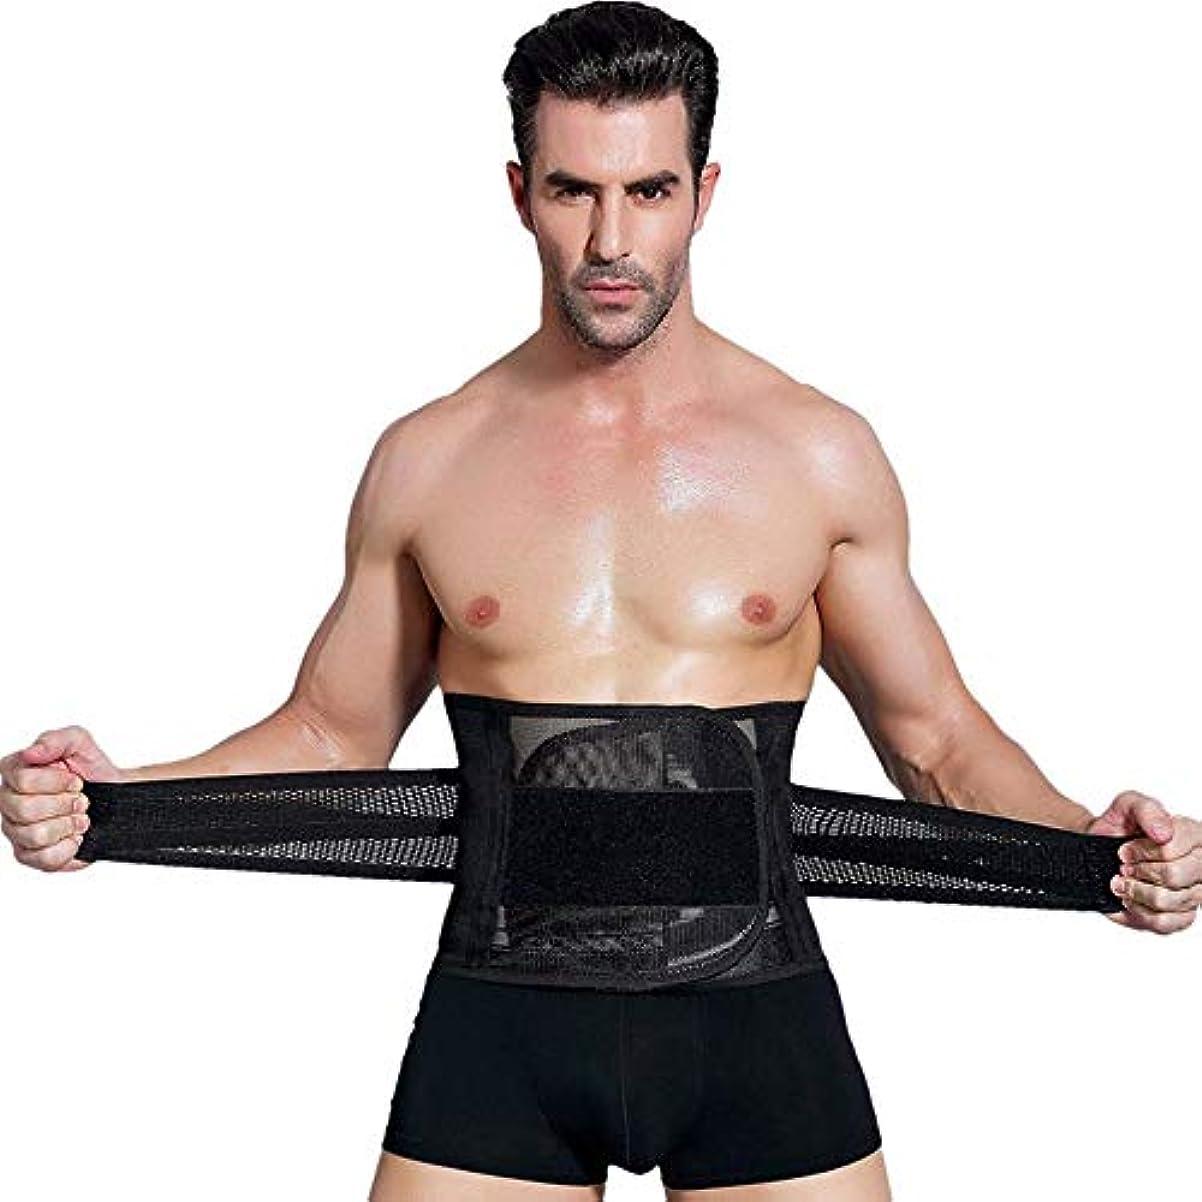 不快ソフトウェア反対に男性ボディシェイパーコルセット腹部おなかコントロールウエストトレーナーニッパー脂肪燃焼ガードル痩身腹ベルト用男性 - ブラックXXL